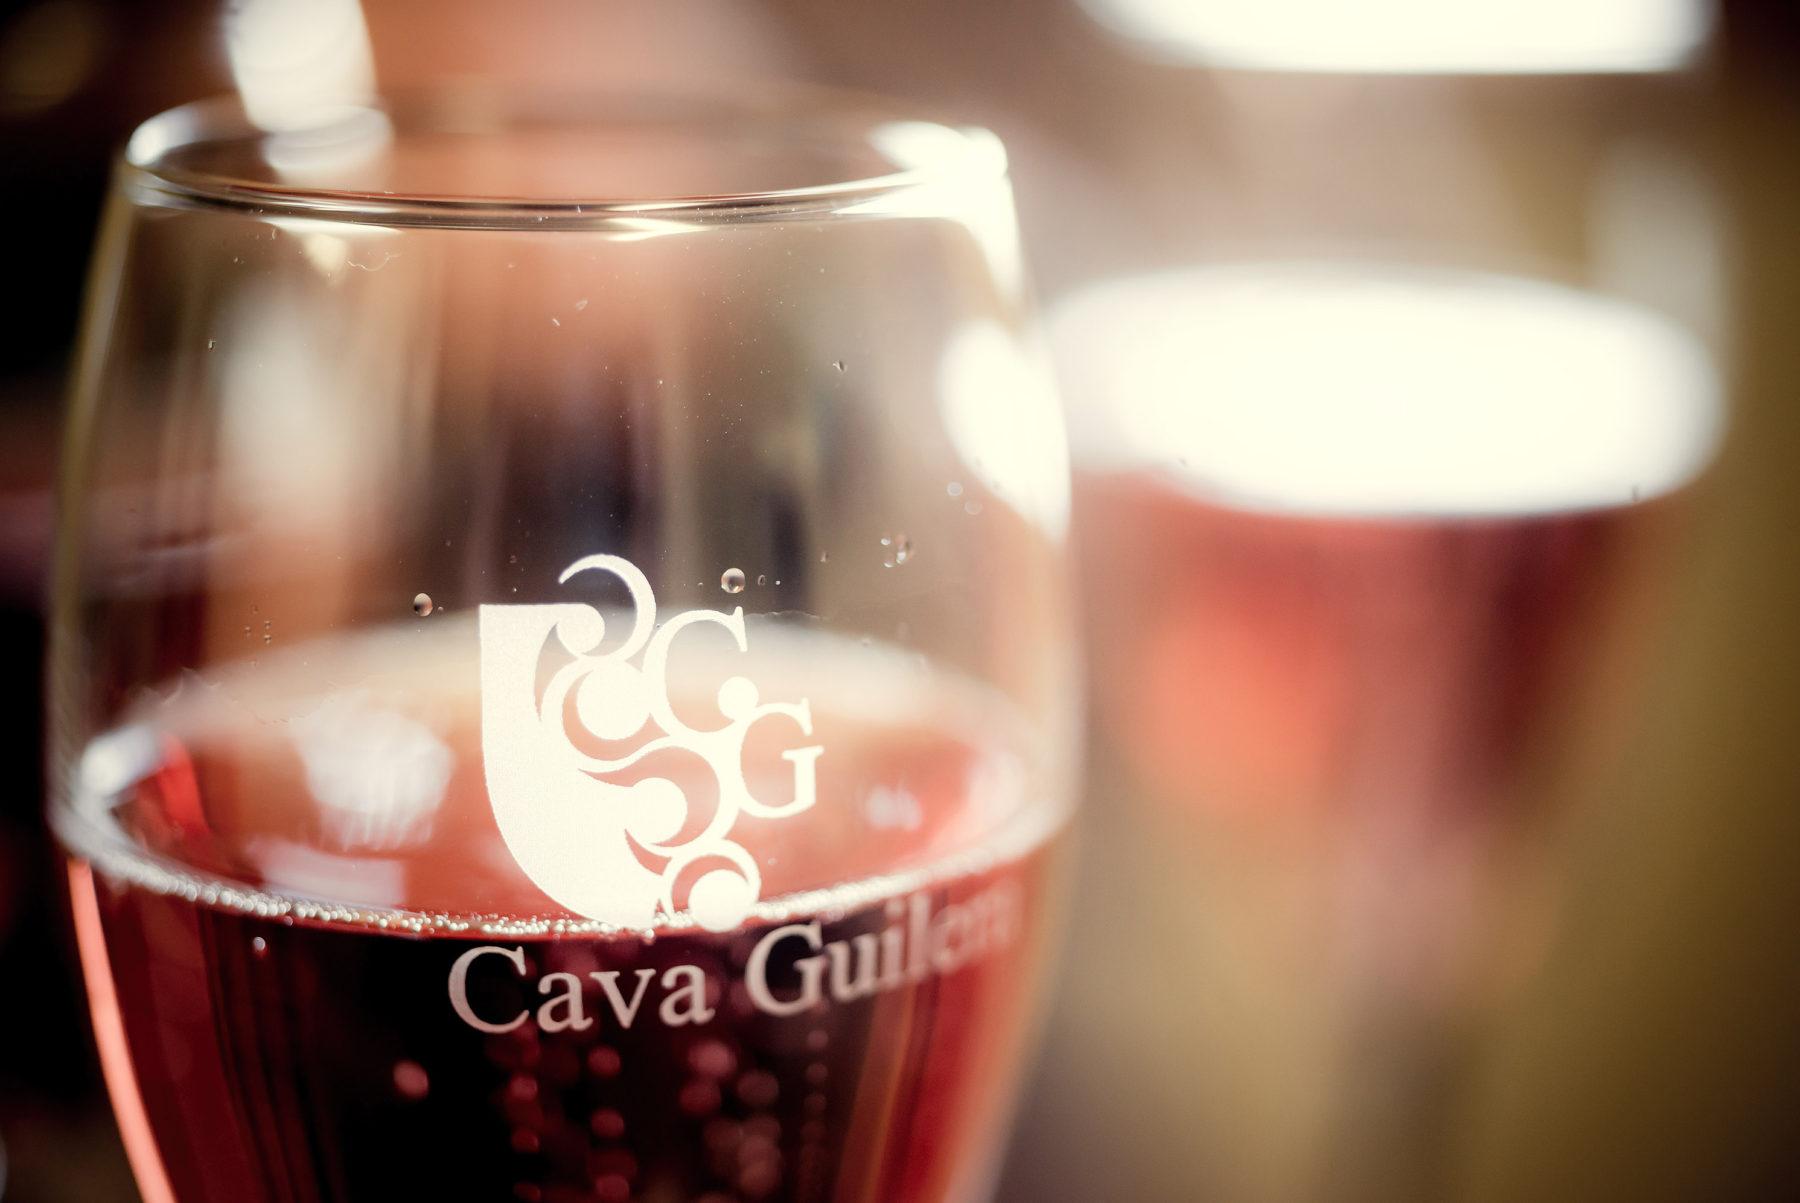 Detalle de una copa de cava rosado. En la propia copa se lee Cava Guilera.